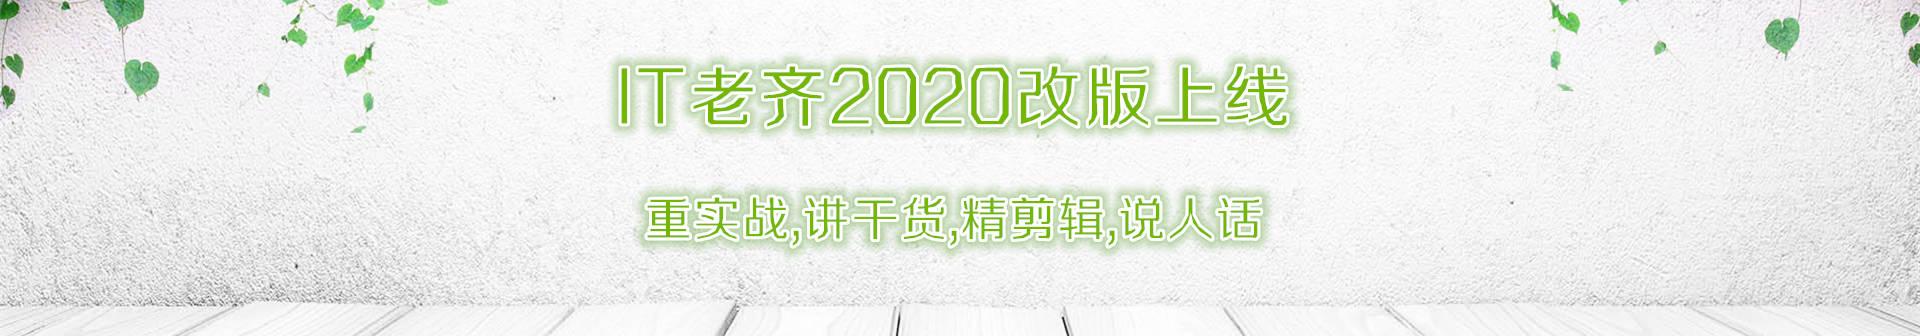 2020新版IT老齐